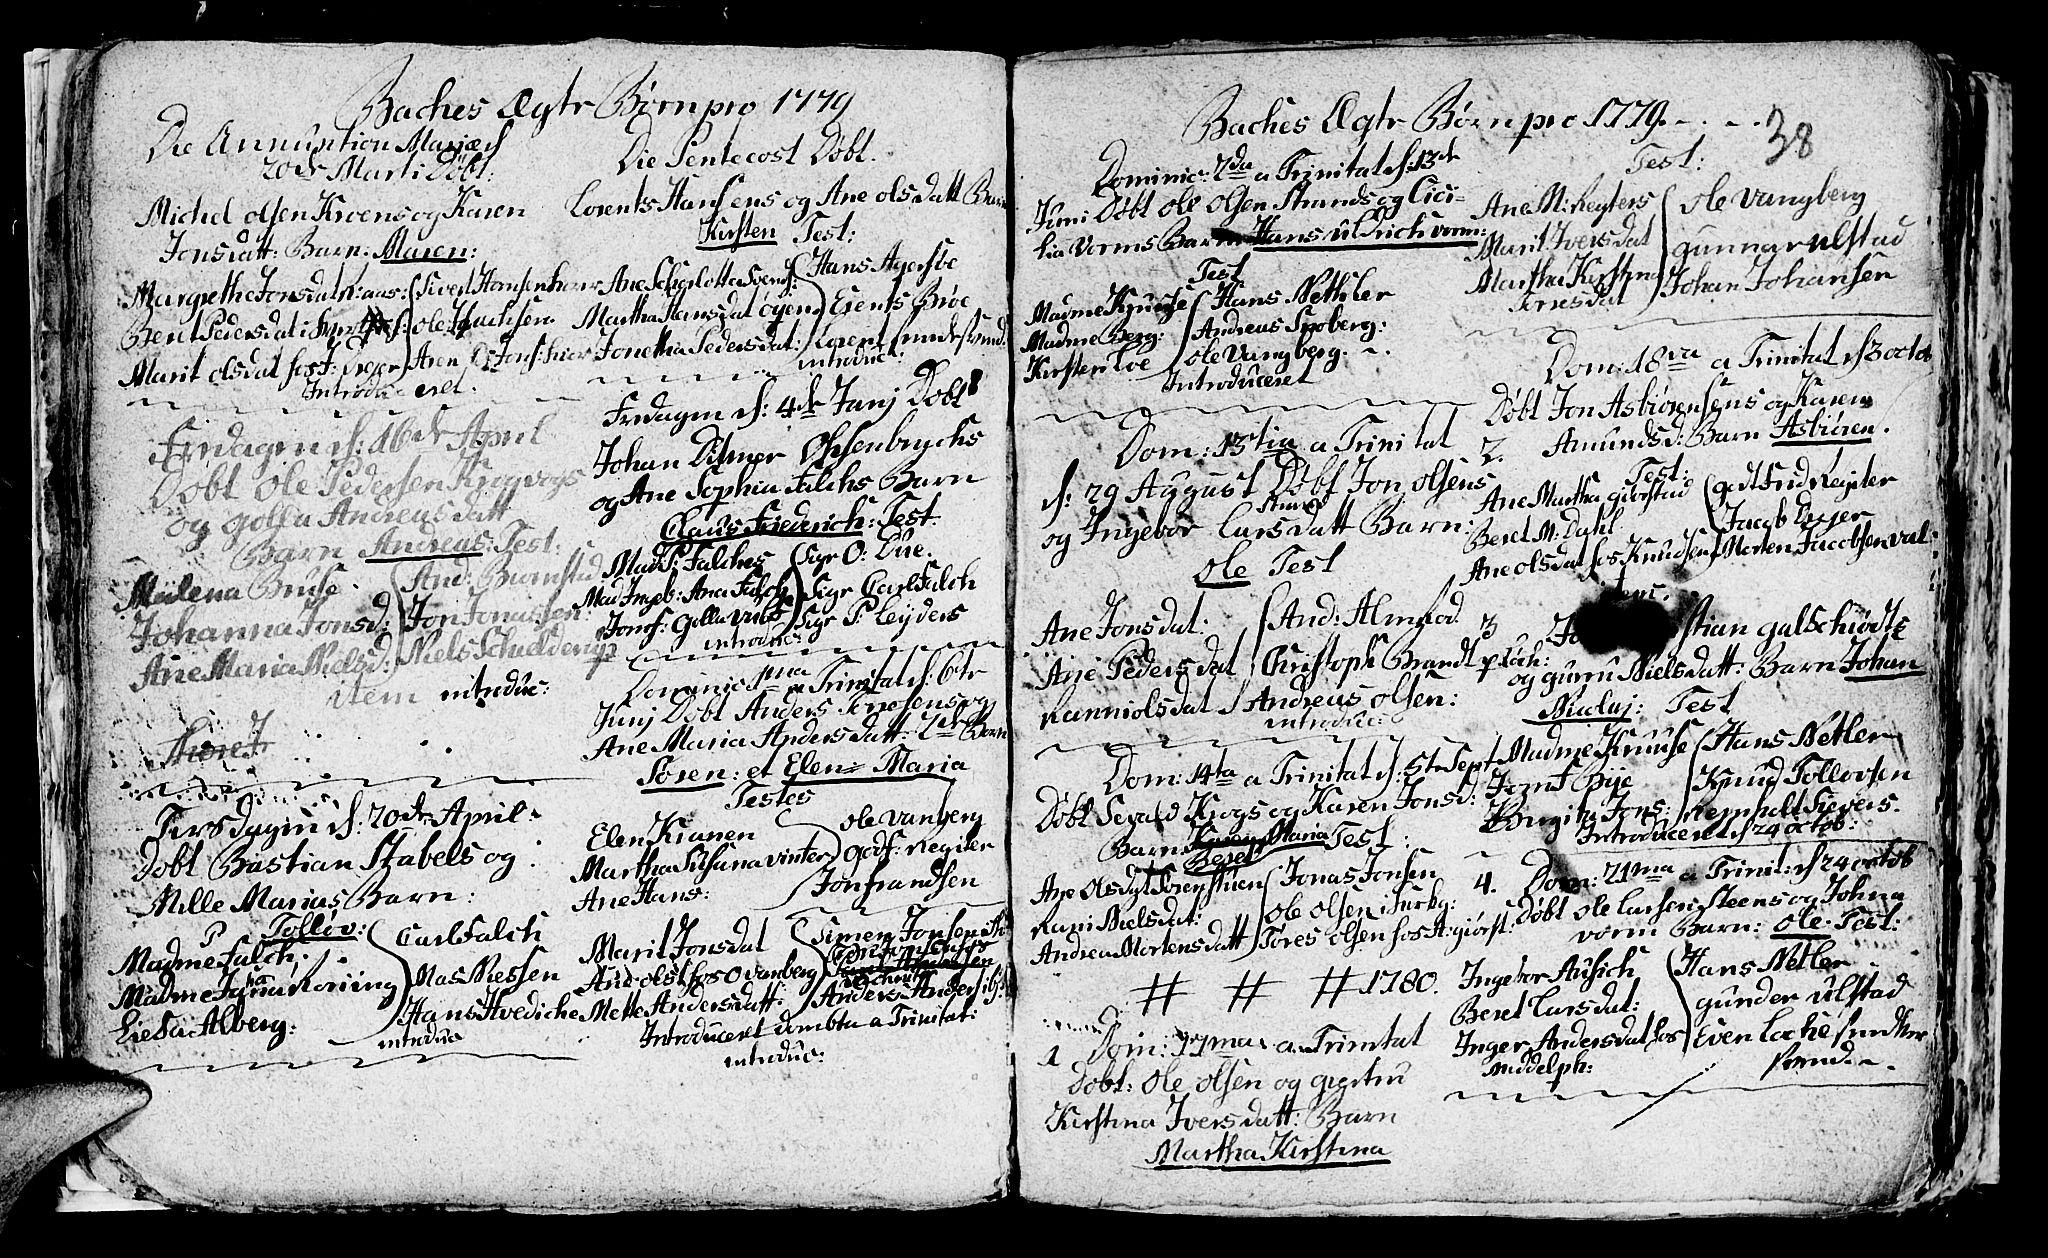 SAT, Ministerialprotokoller, klokkerbøker og fødselsregistre - Sør-Trøndelag, 604/L0218: Klokkerbok nr. 604C01, 1754-1819, s. 38